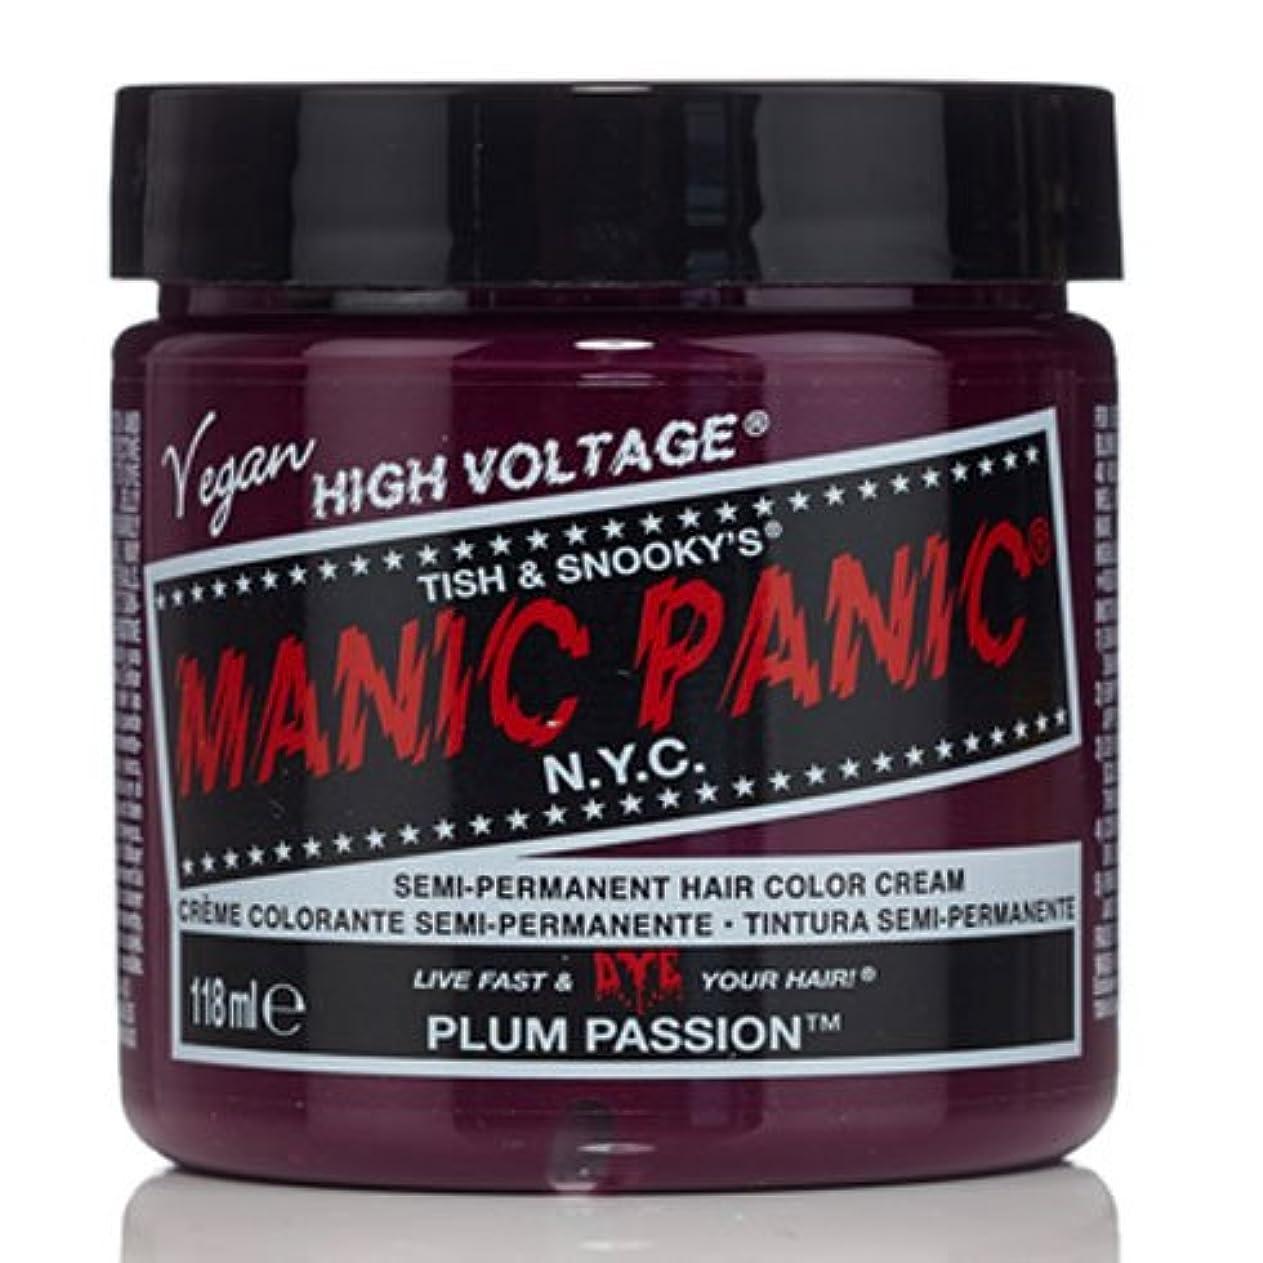 きゅうりトレーニングしかしながらスペシャルセットMANIC PANICマニックパニック:PLUM PASSION (プラムパッション)+ヘアカラーケア4点セット